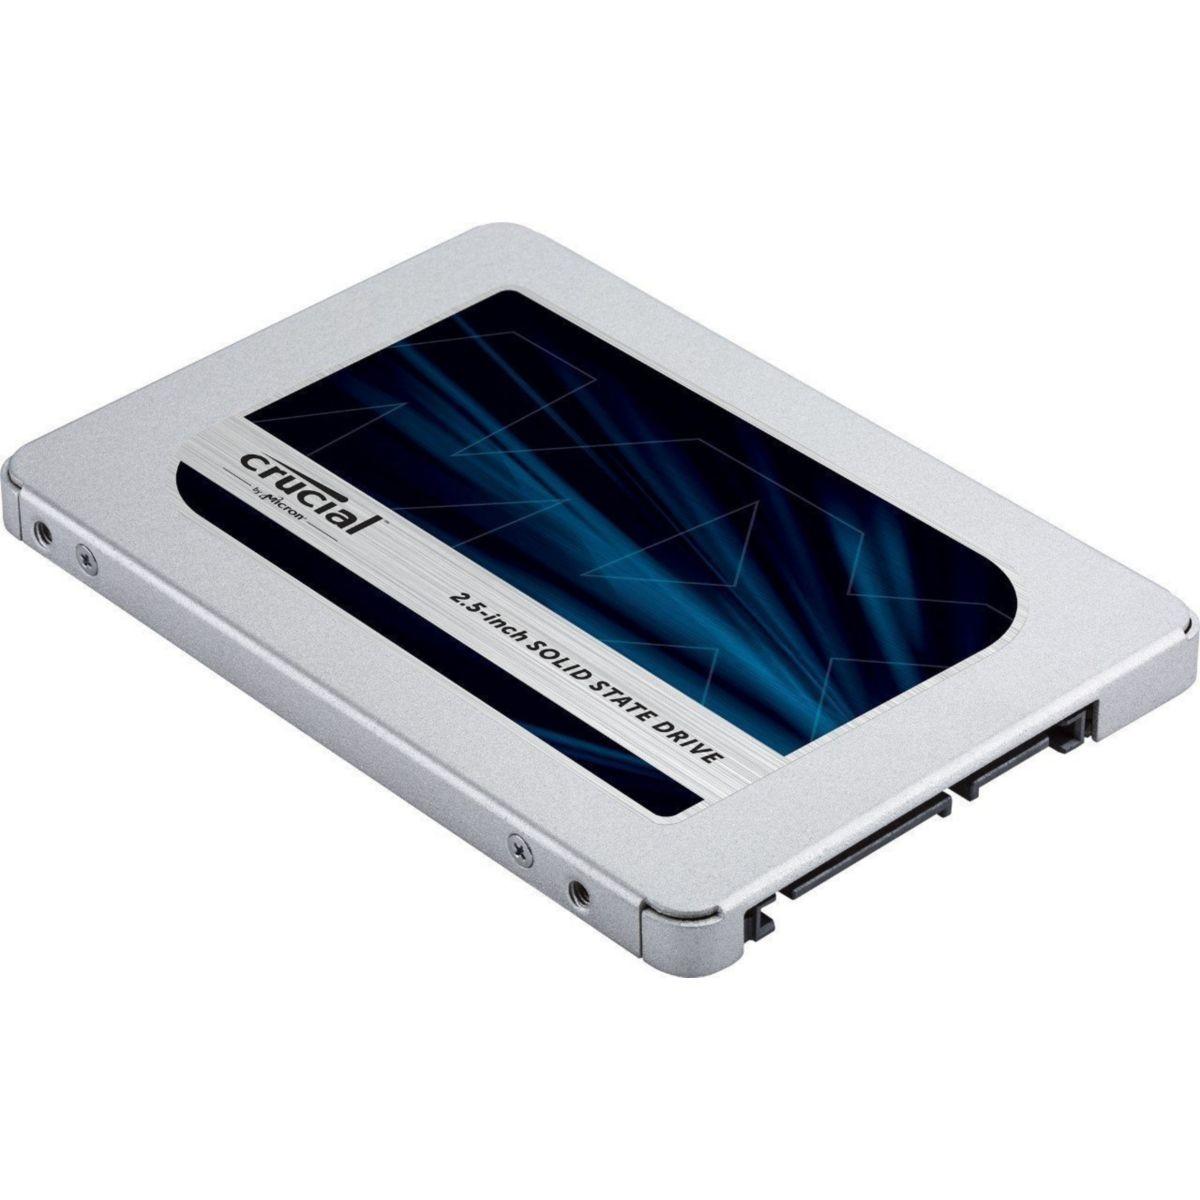 Disque CRUCIAL 500Go MX500 SATA 2.5'' 7 (photo)